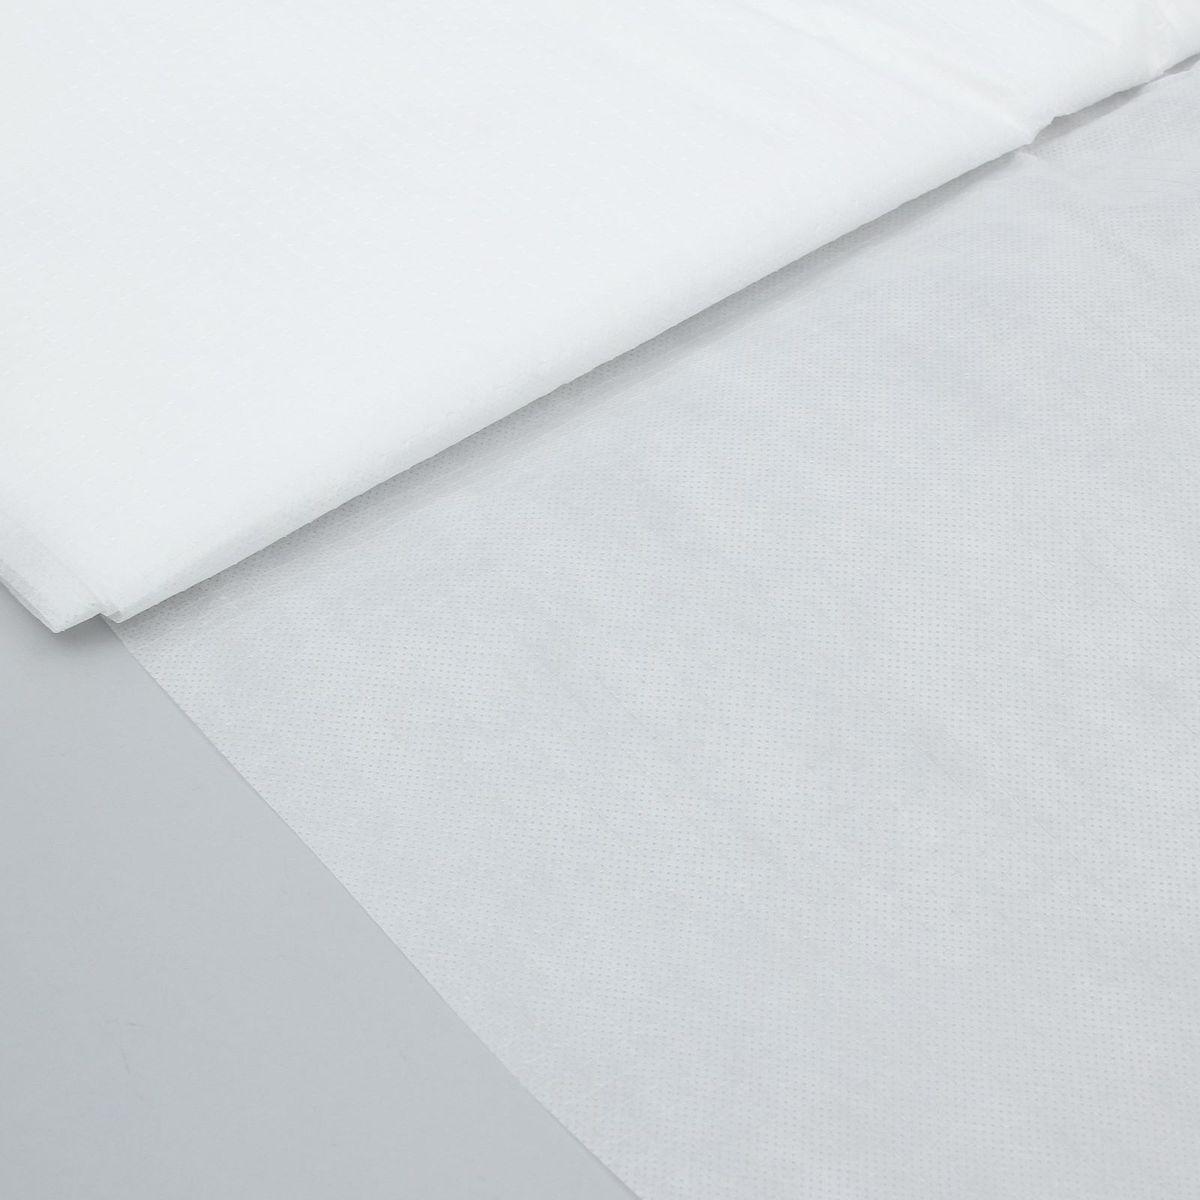 Материал укрывной Агротекс, цвет: белый, 5 х 1,6 м. 13092531309253Многофункциональность, надежность и высокое качество - вот отличительные черты армированного укрывного материала Агротекс. Позаботьтесь о своих посадках заранее! Назначение: укрытие повышенной прочности для каркасов теплиц и парников. Выгода: надежная и прочная теплица, которая прослужит несколько сезонов дополнительный доход за счет получения раннего урожая экономия средств на ежегодной замене материала. С надежным армированным укрывным материалом вы достигнете больших результатов, затрачивая меньше усилий. Плюсы очевидны: повышенная прочность за счет армированной сетки (материал прослужит до 3 сезонов) защита посадок от заморозков, сильных ливней и града защита растений от холодной росы защита листьев и плодов от солнечных ожогов создание благоприятного микроклимата под укрытием получение раннего обильного урожая.